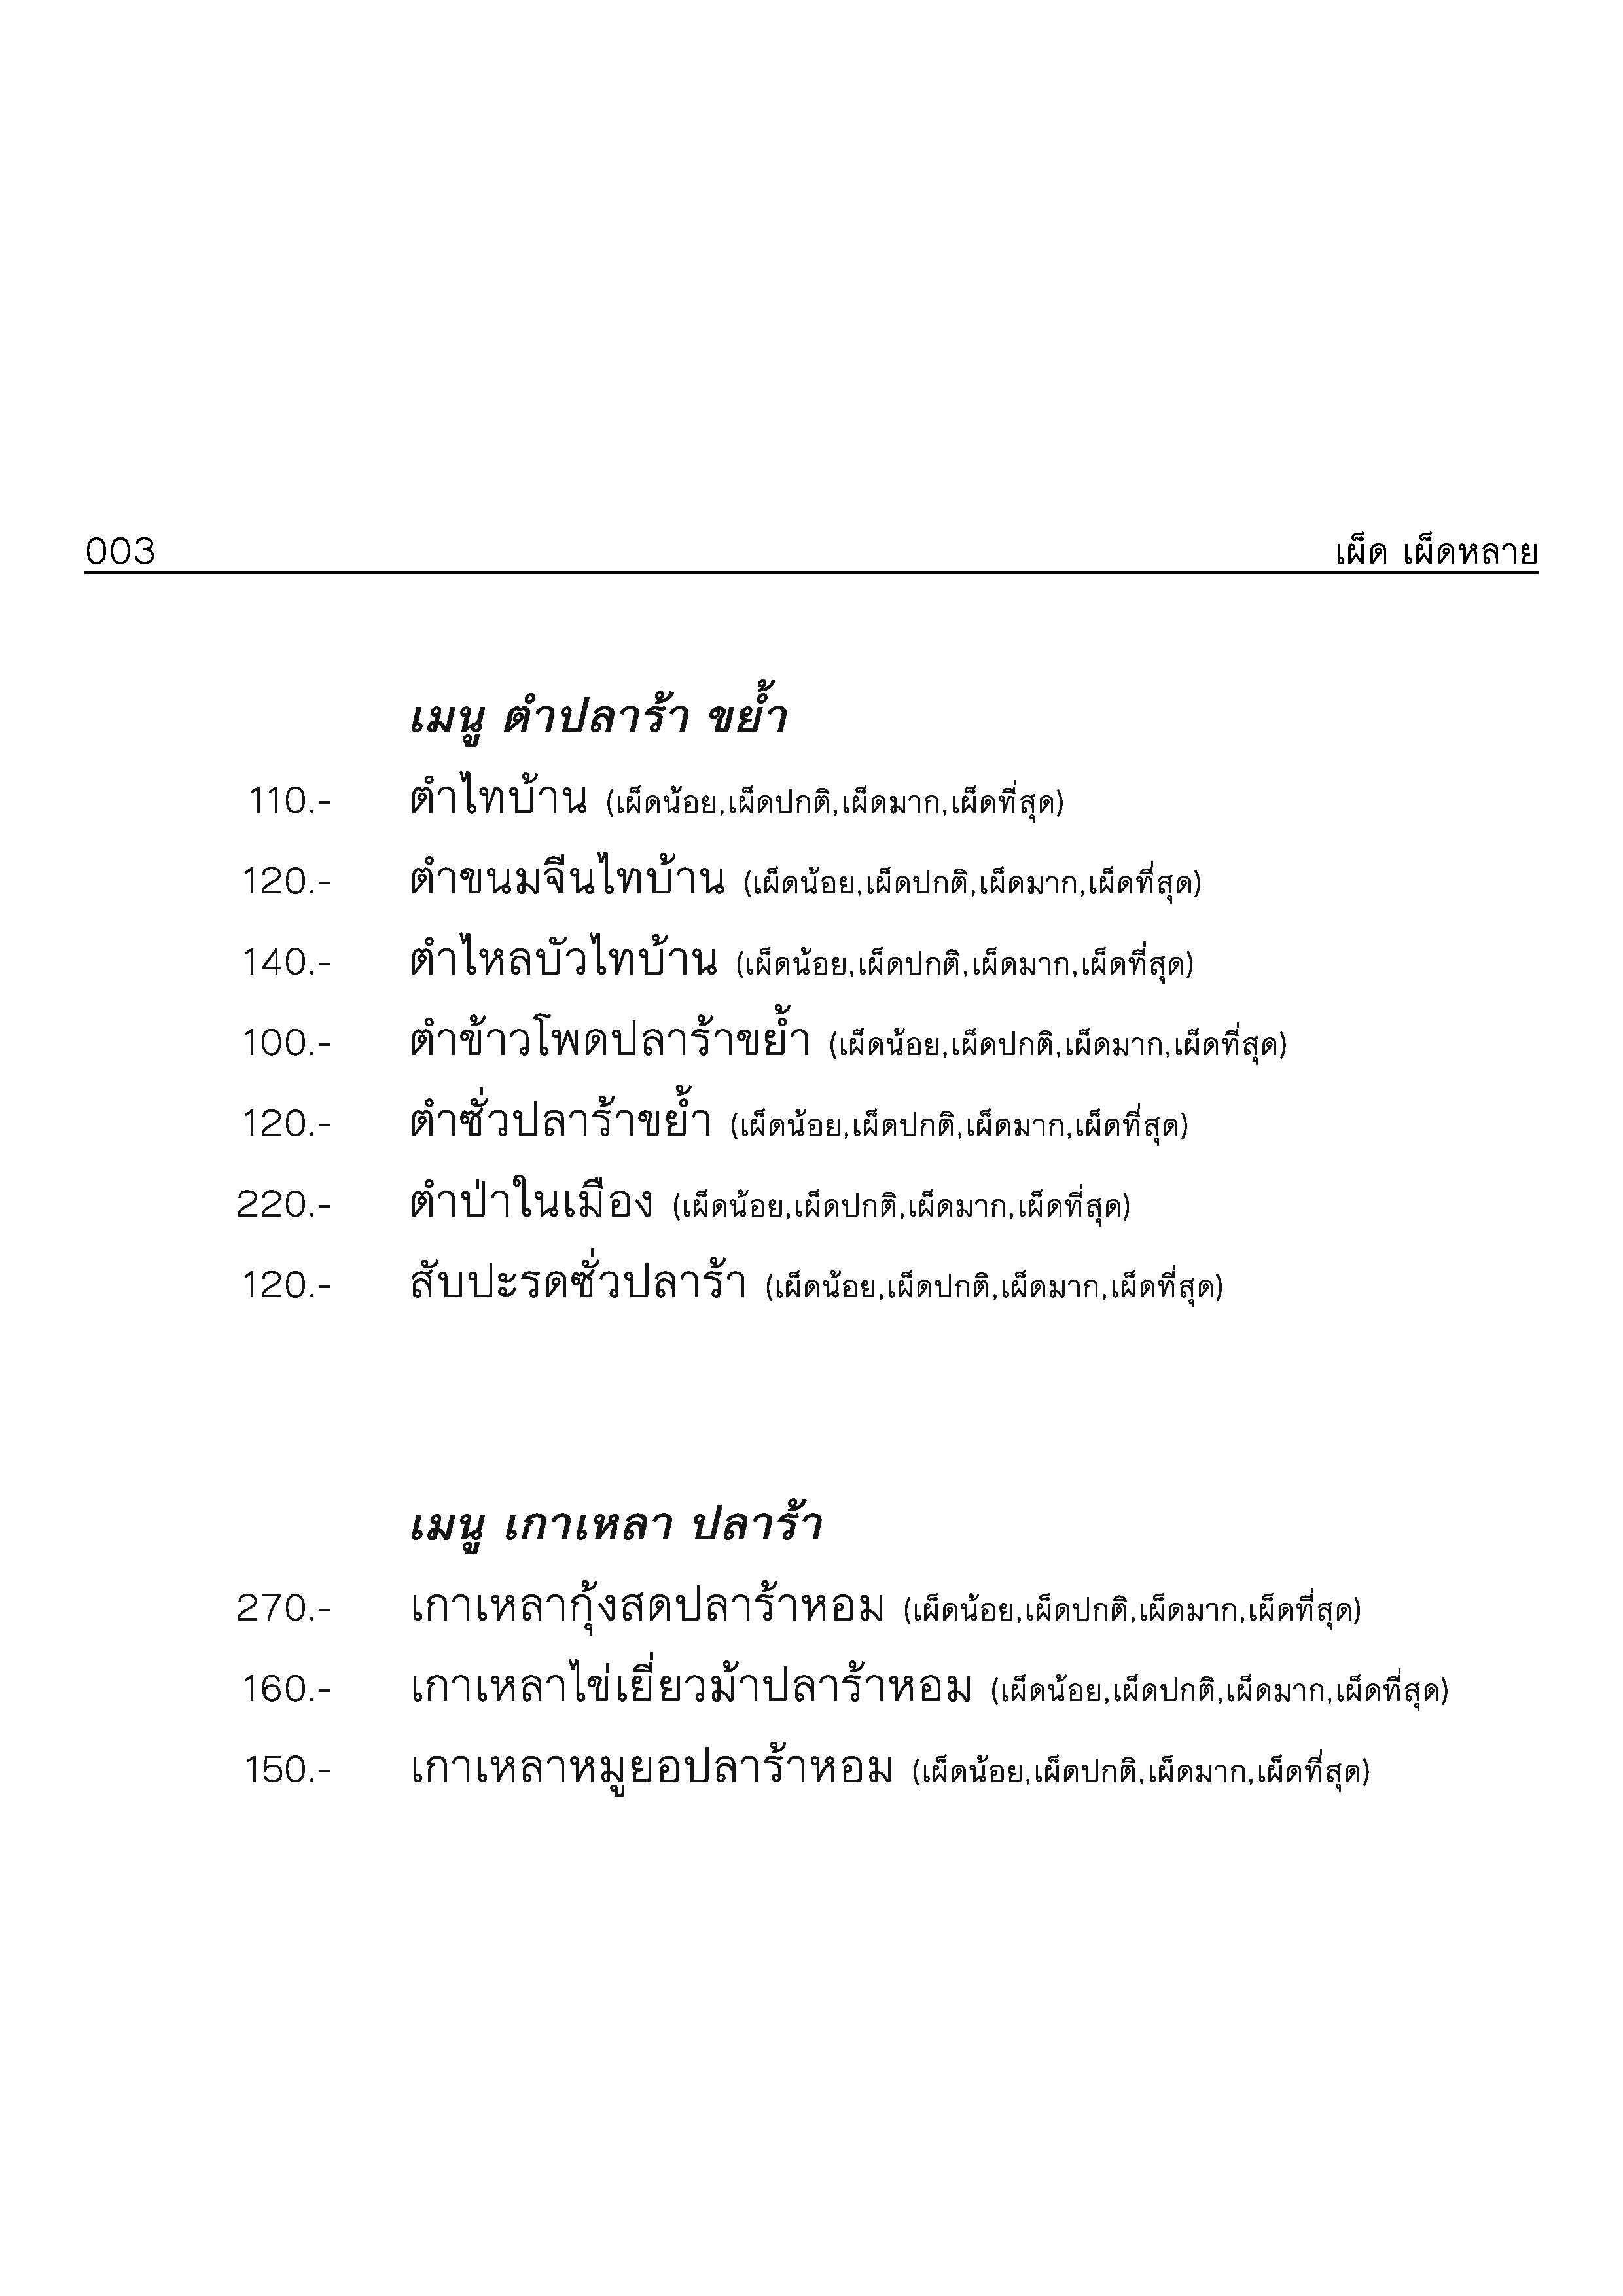 เมนูหลาย-พหล8-21-1-64_Artboard 5 copy 7.